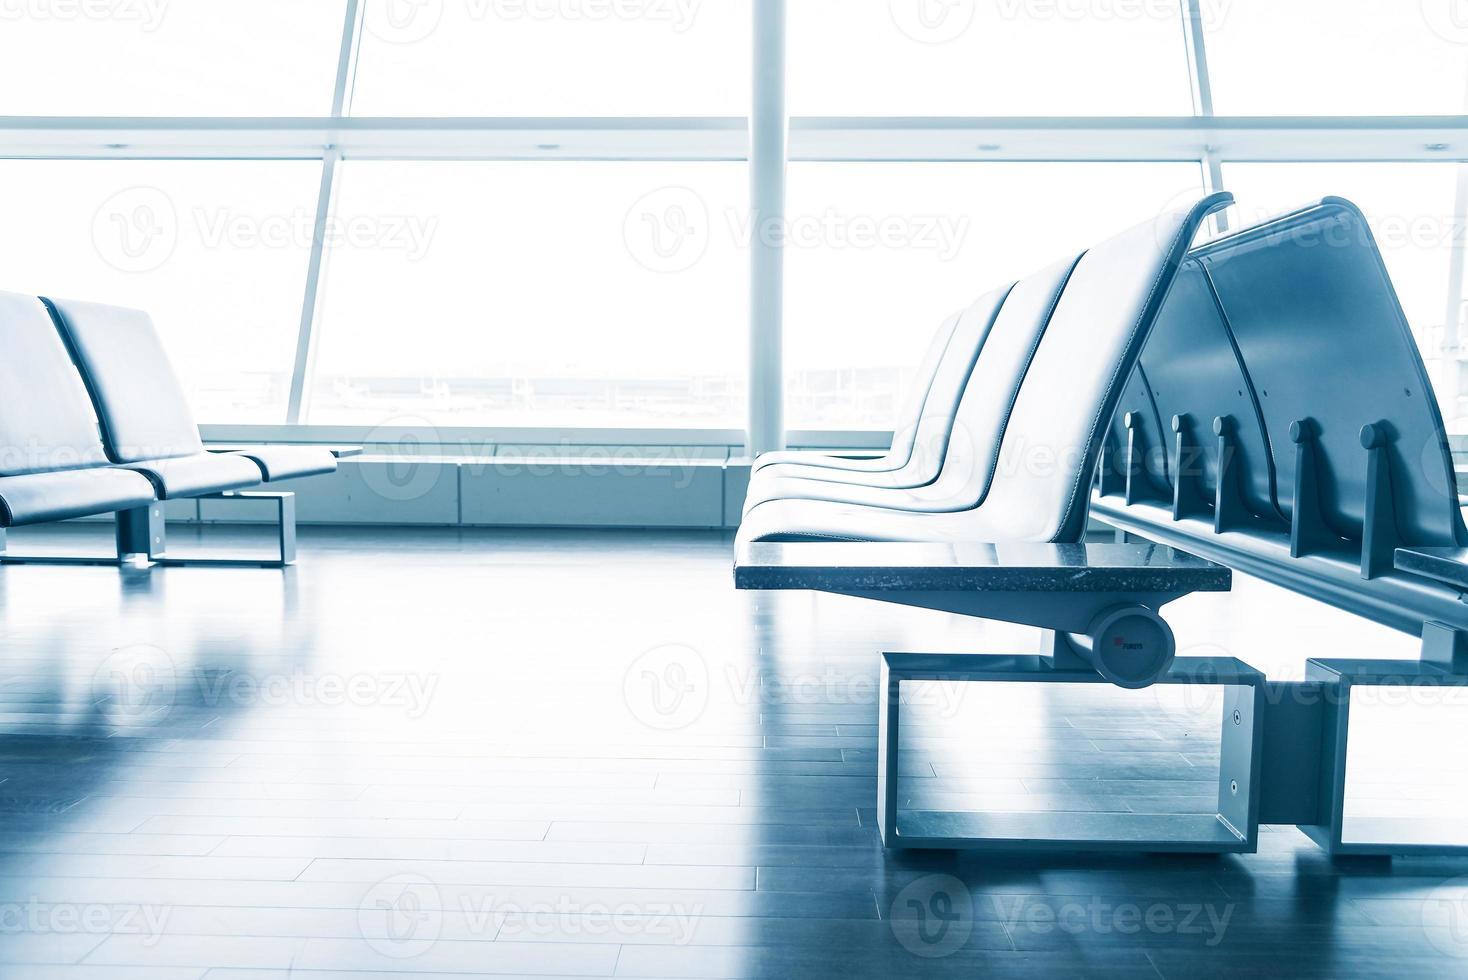 siège vide à l'aéroport photo